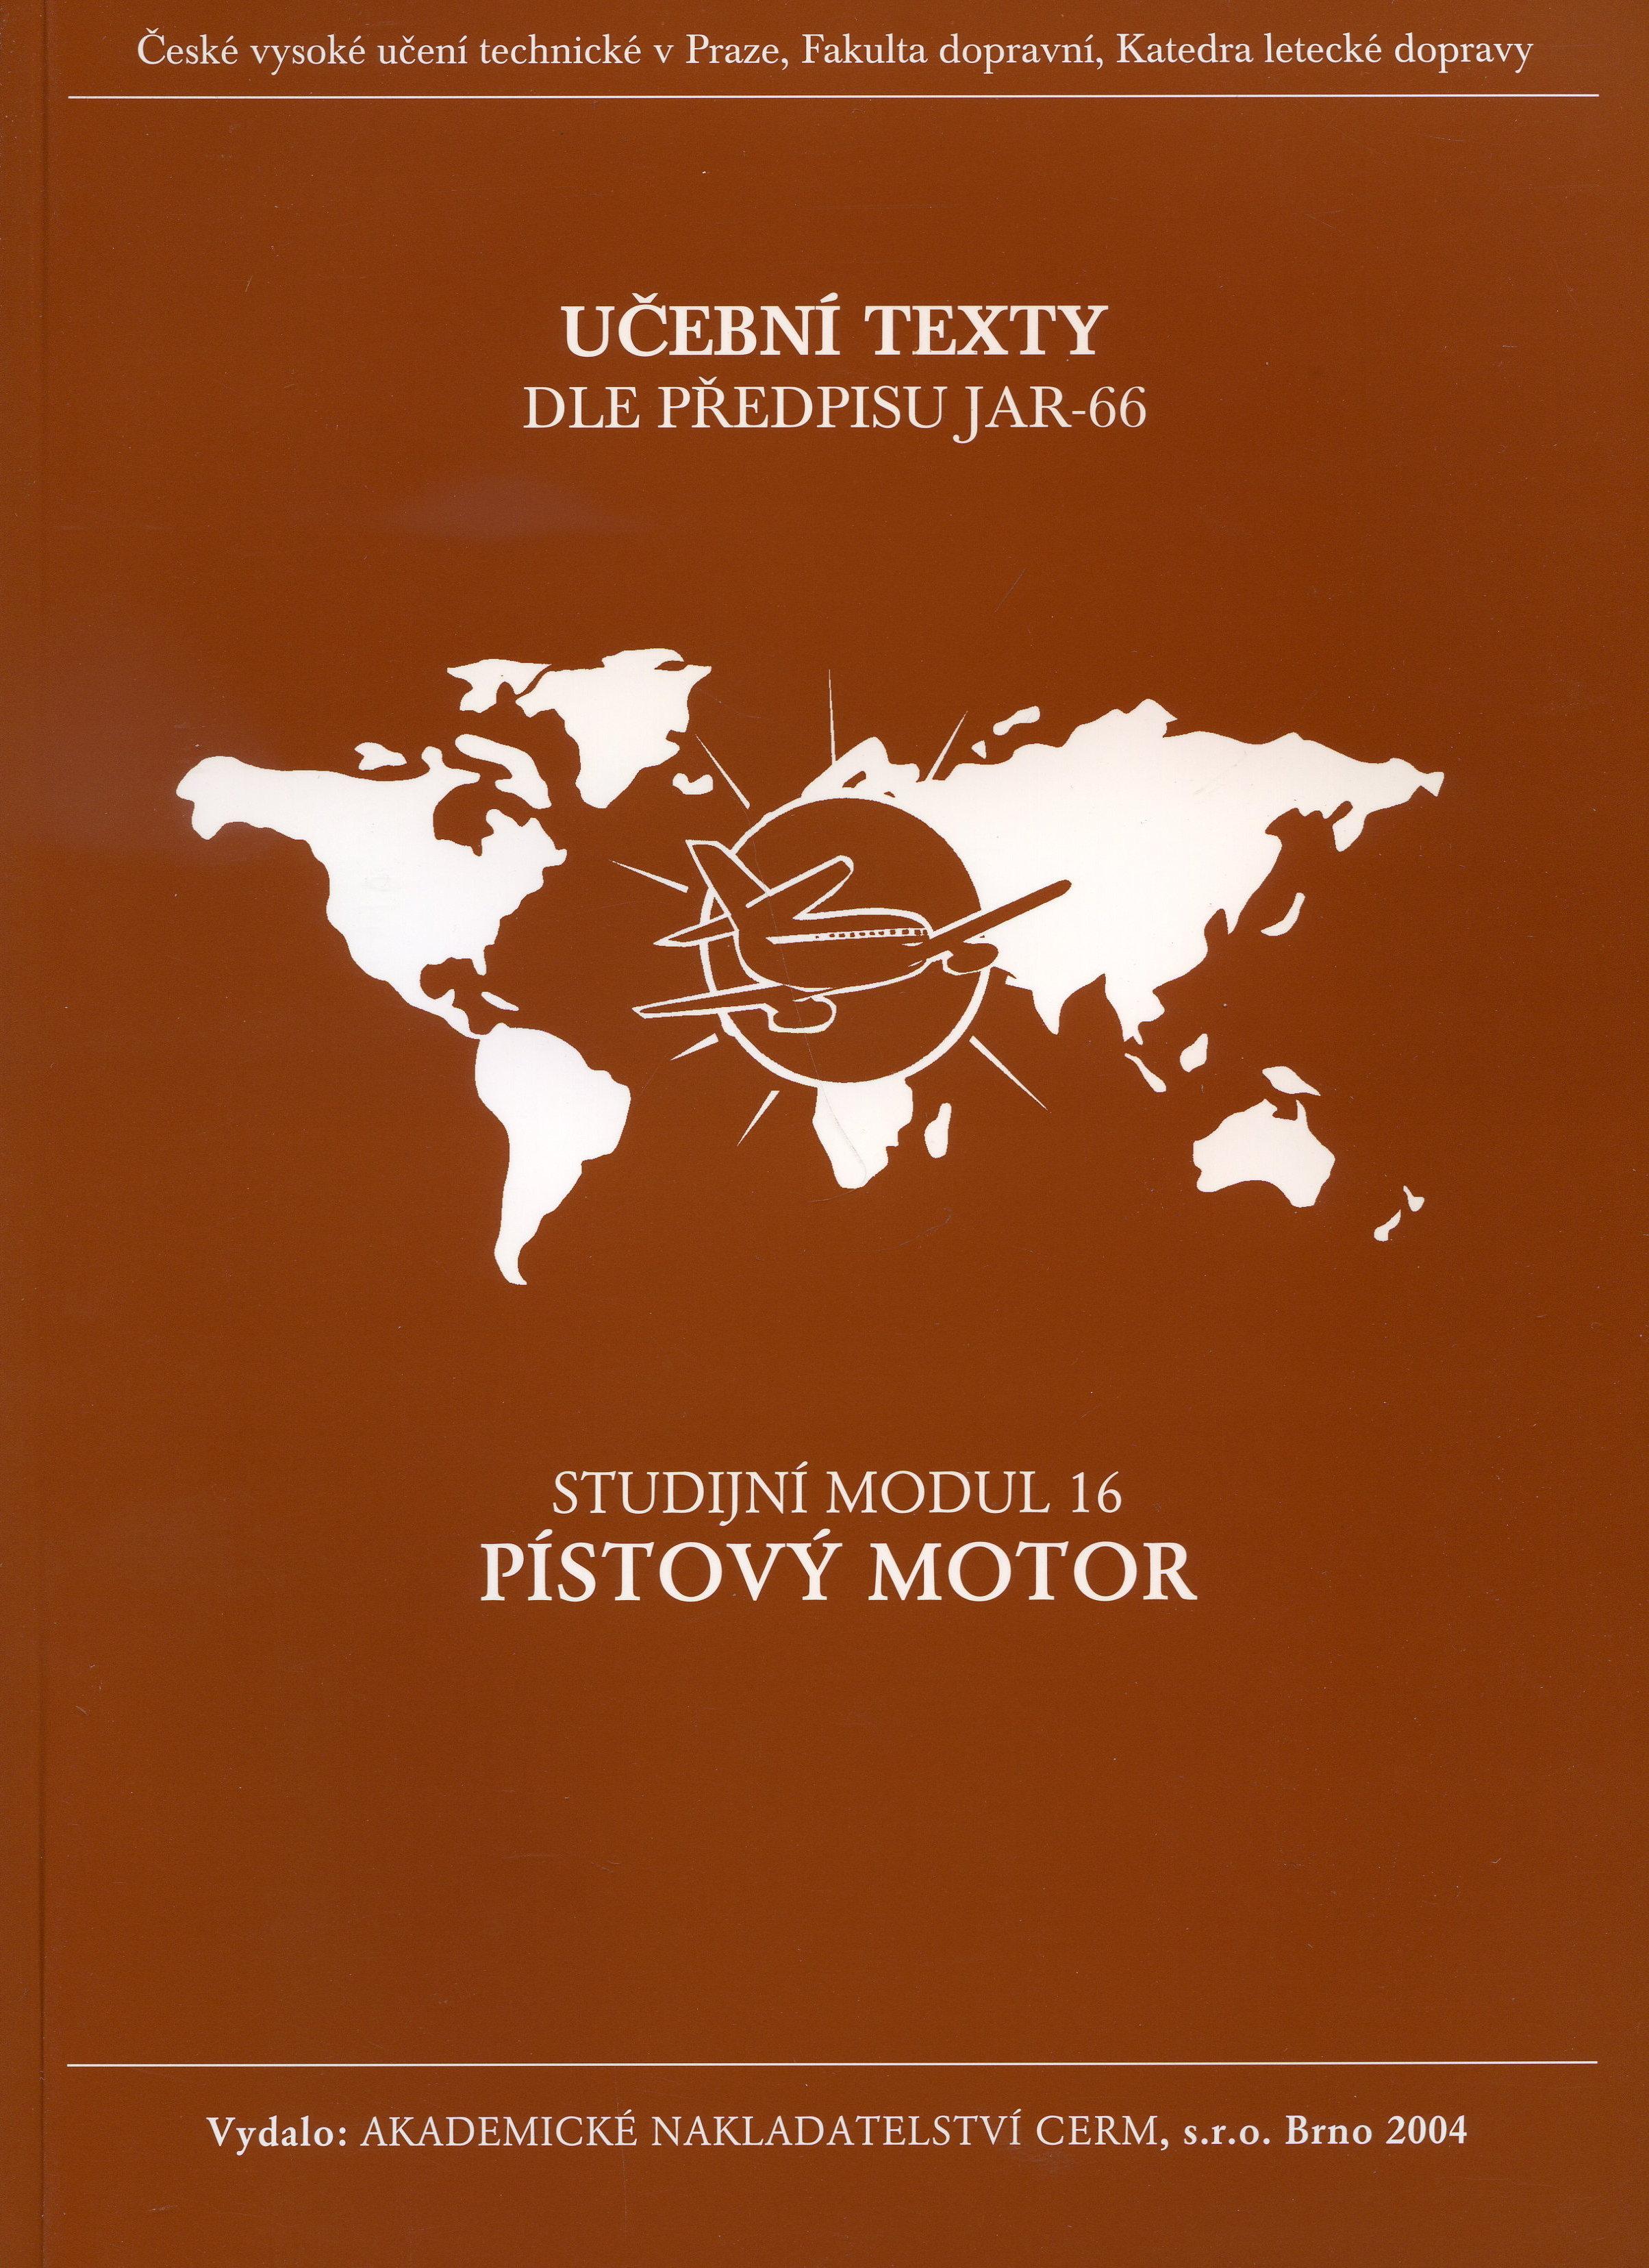 Pístový motor - Studijní modul 16 - Učební texty dle předpisu JAR-66